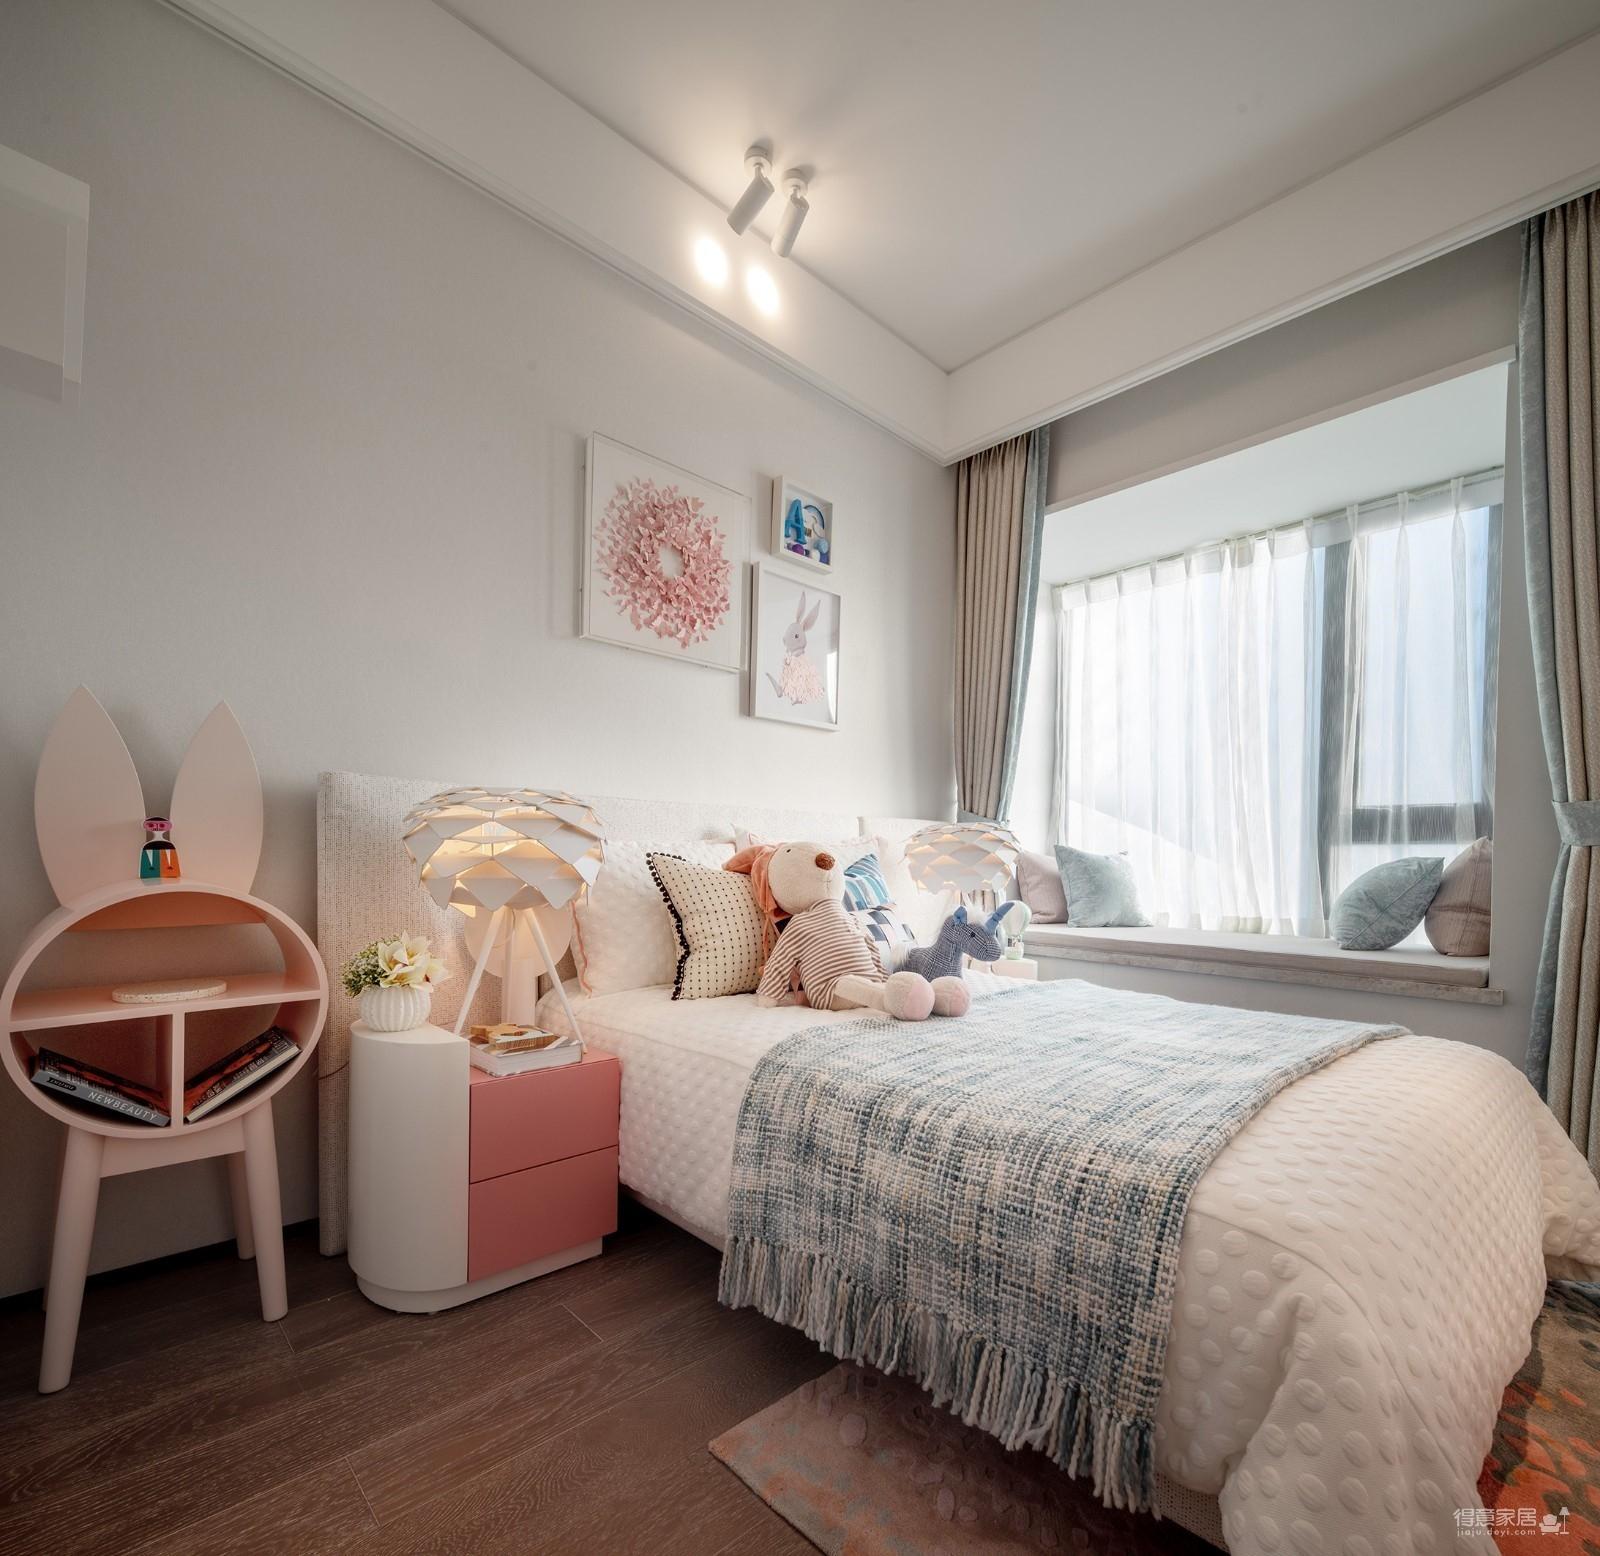 100㎡现代风家庭公寓图_9